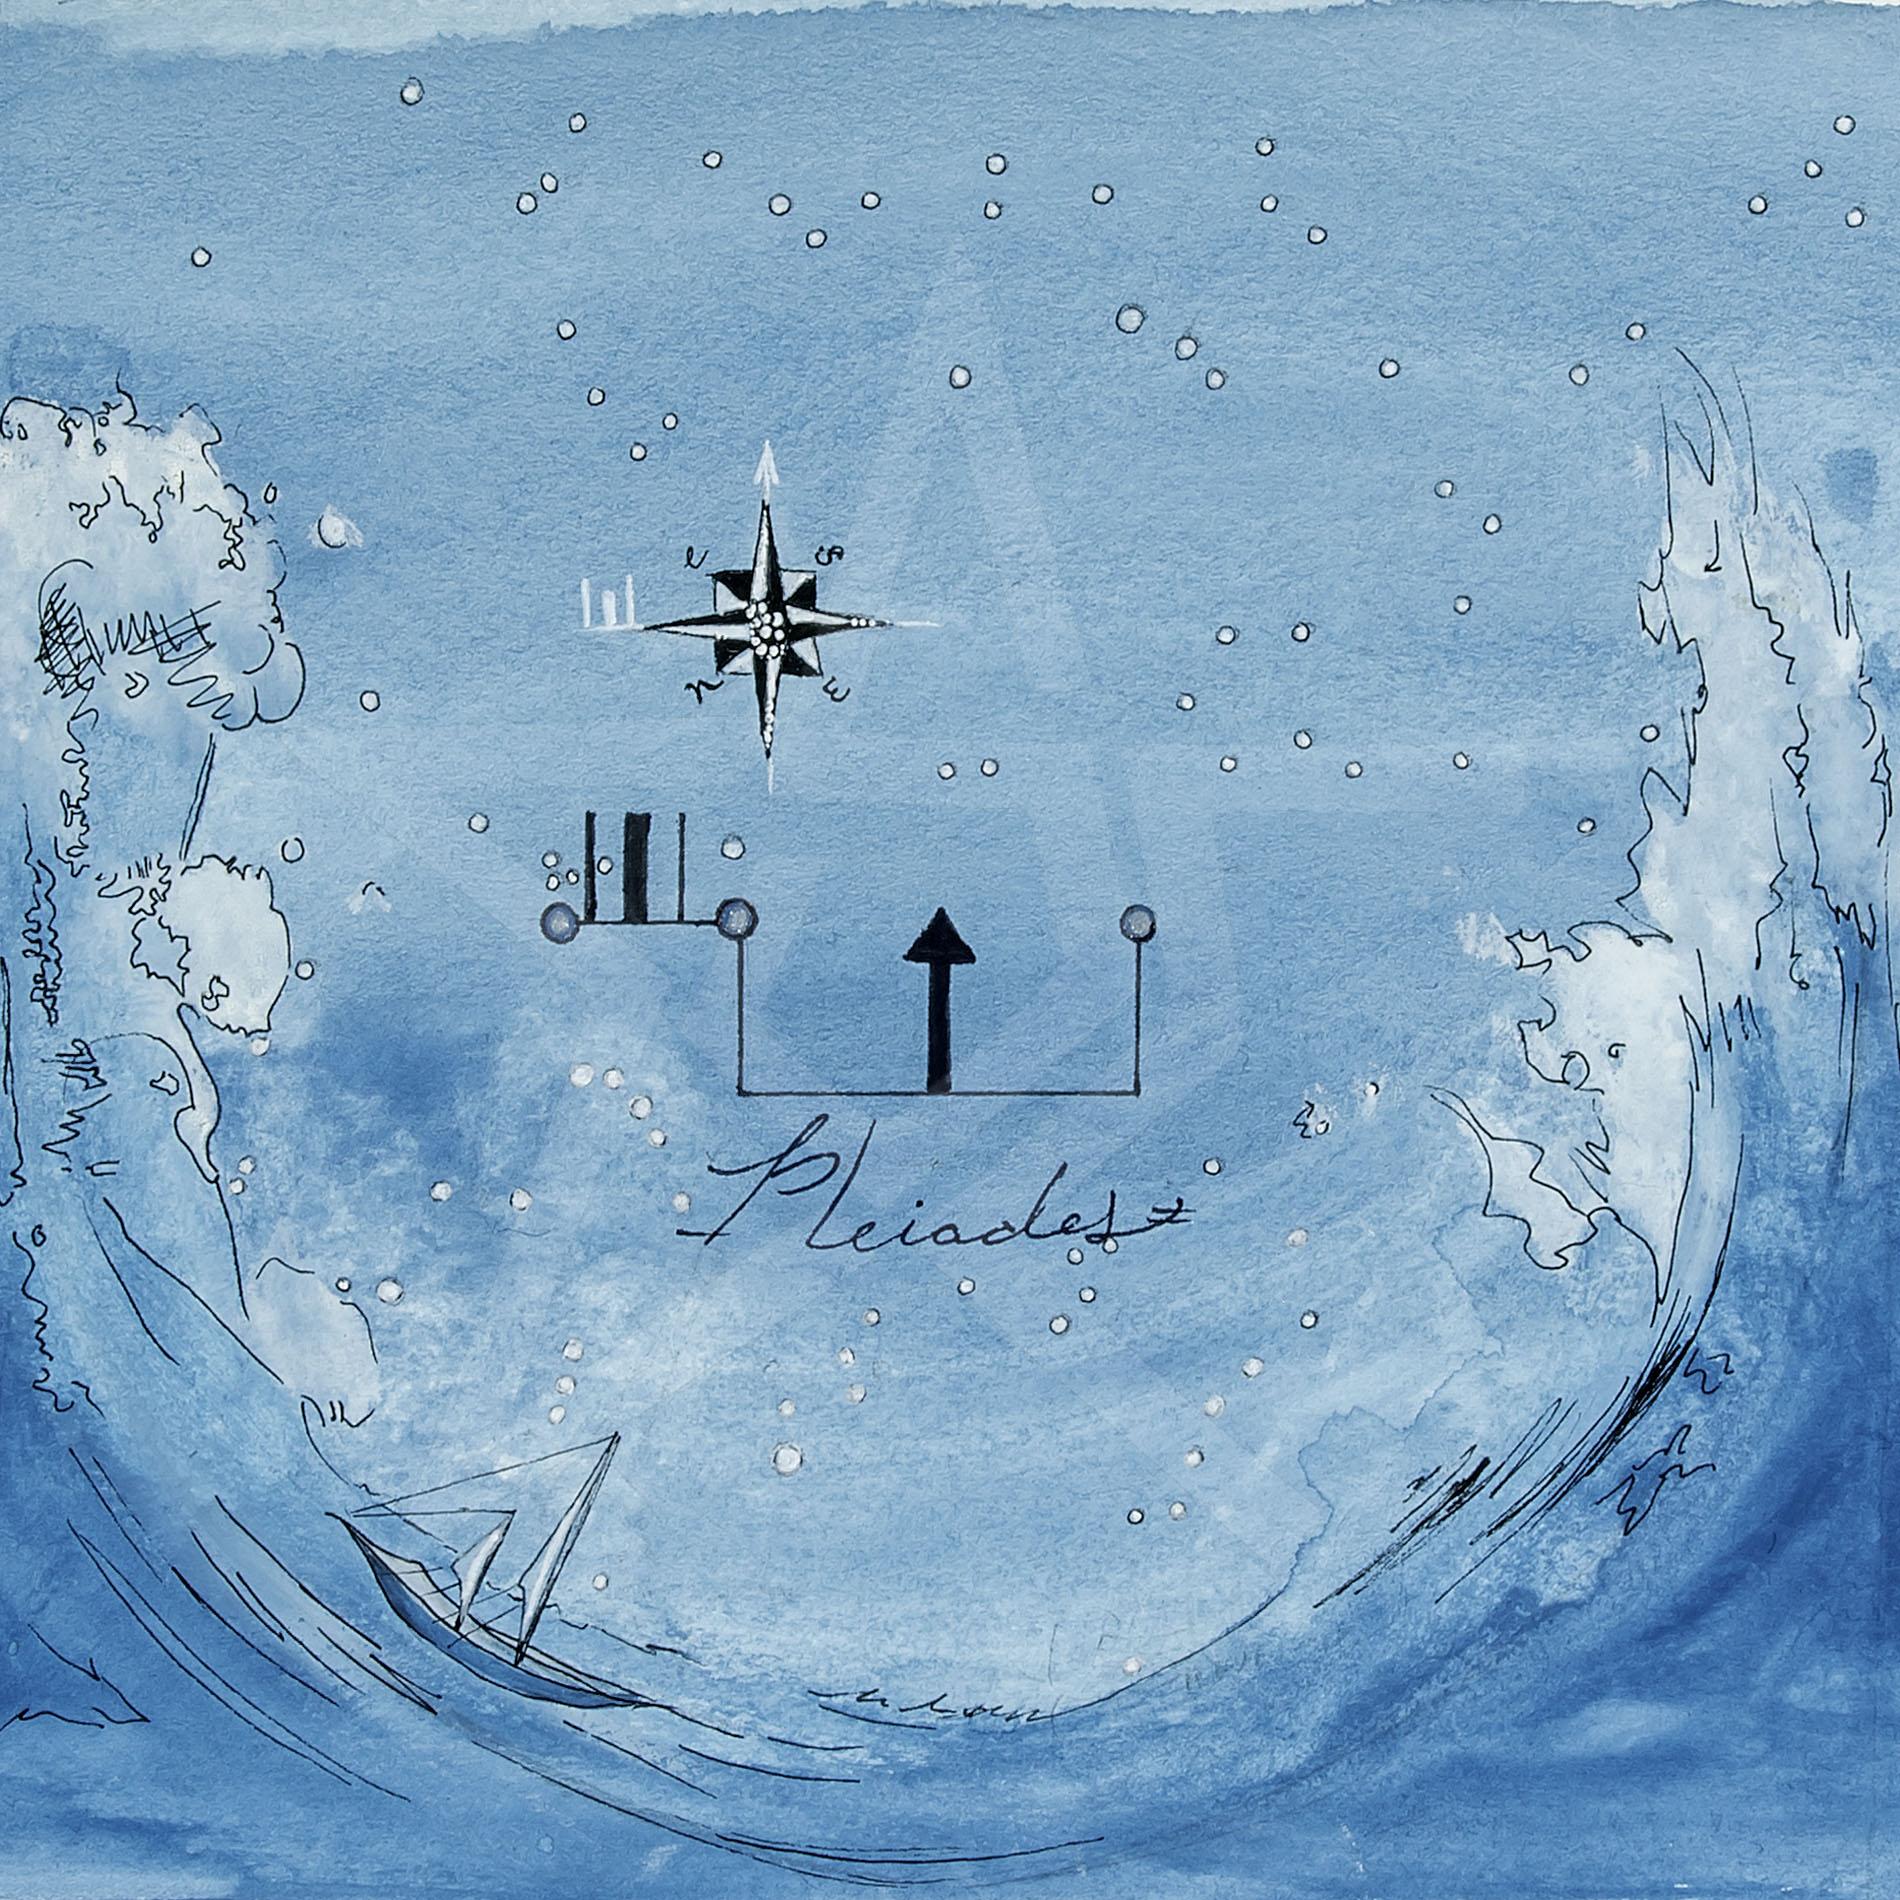 Pleiades wm.jpg